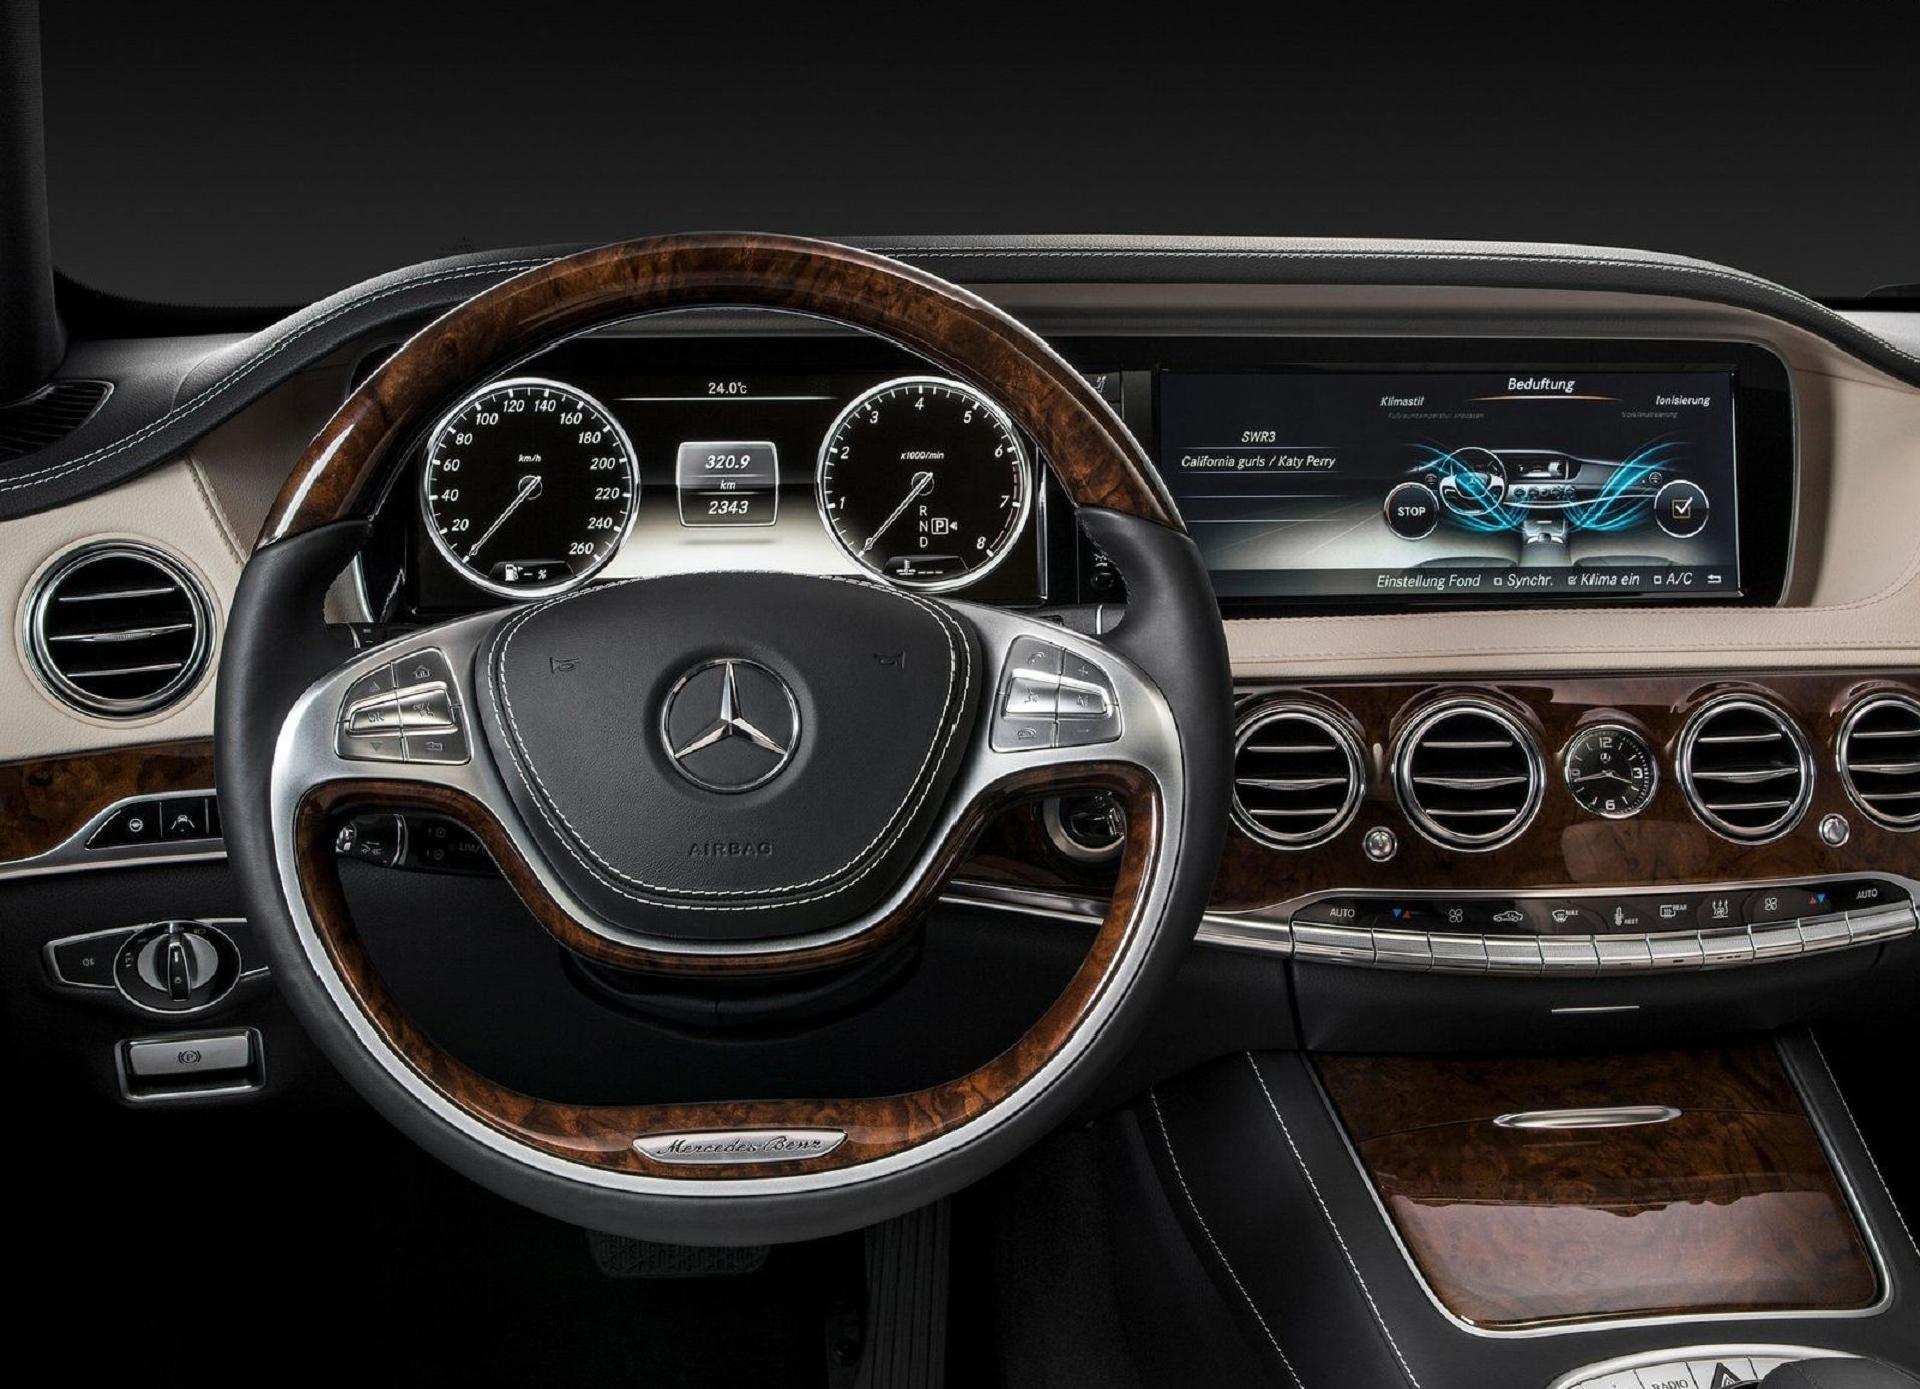 Mercedes Benz S Class Wallpapers